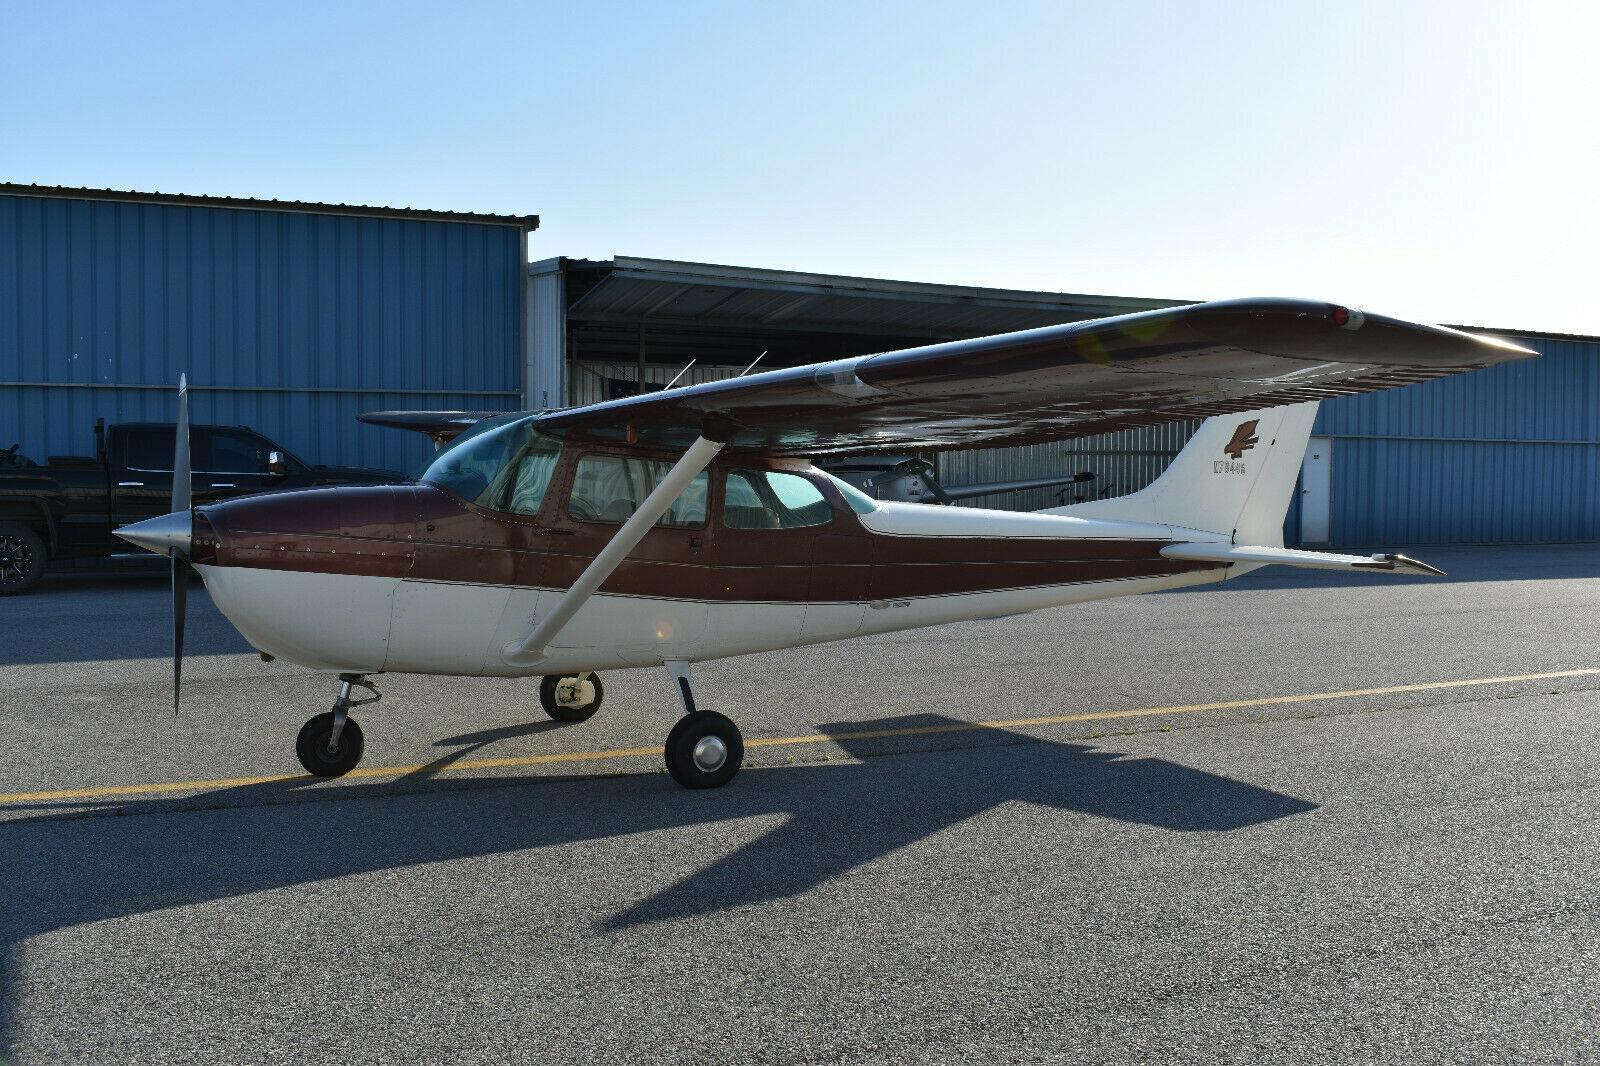 hangared 1969 Cessna 172K aircraft